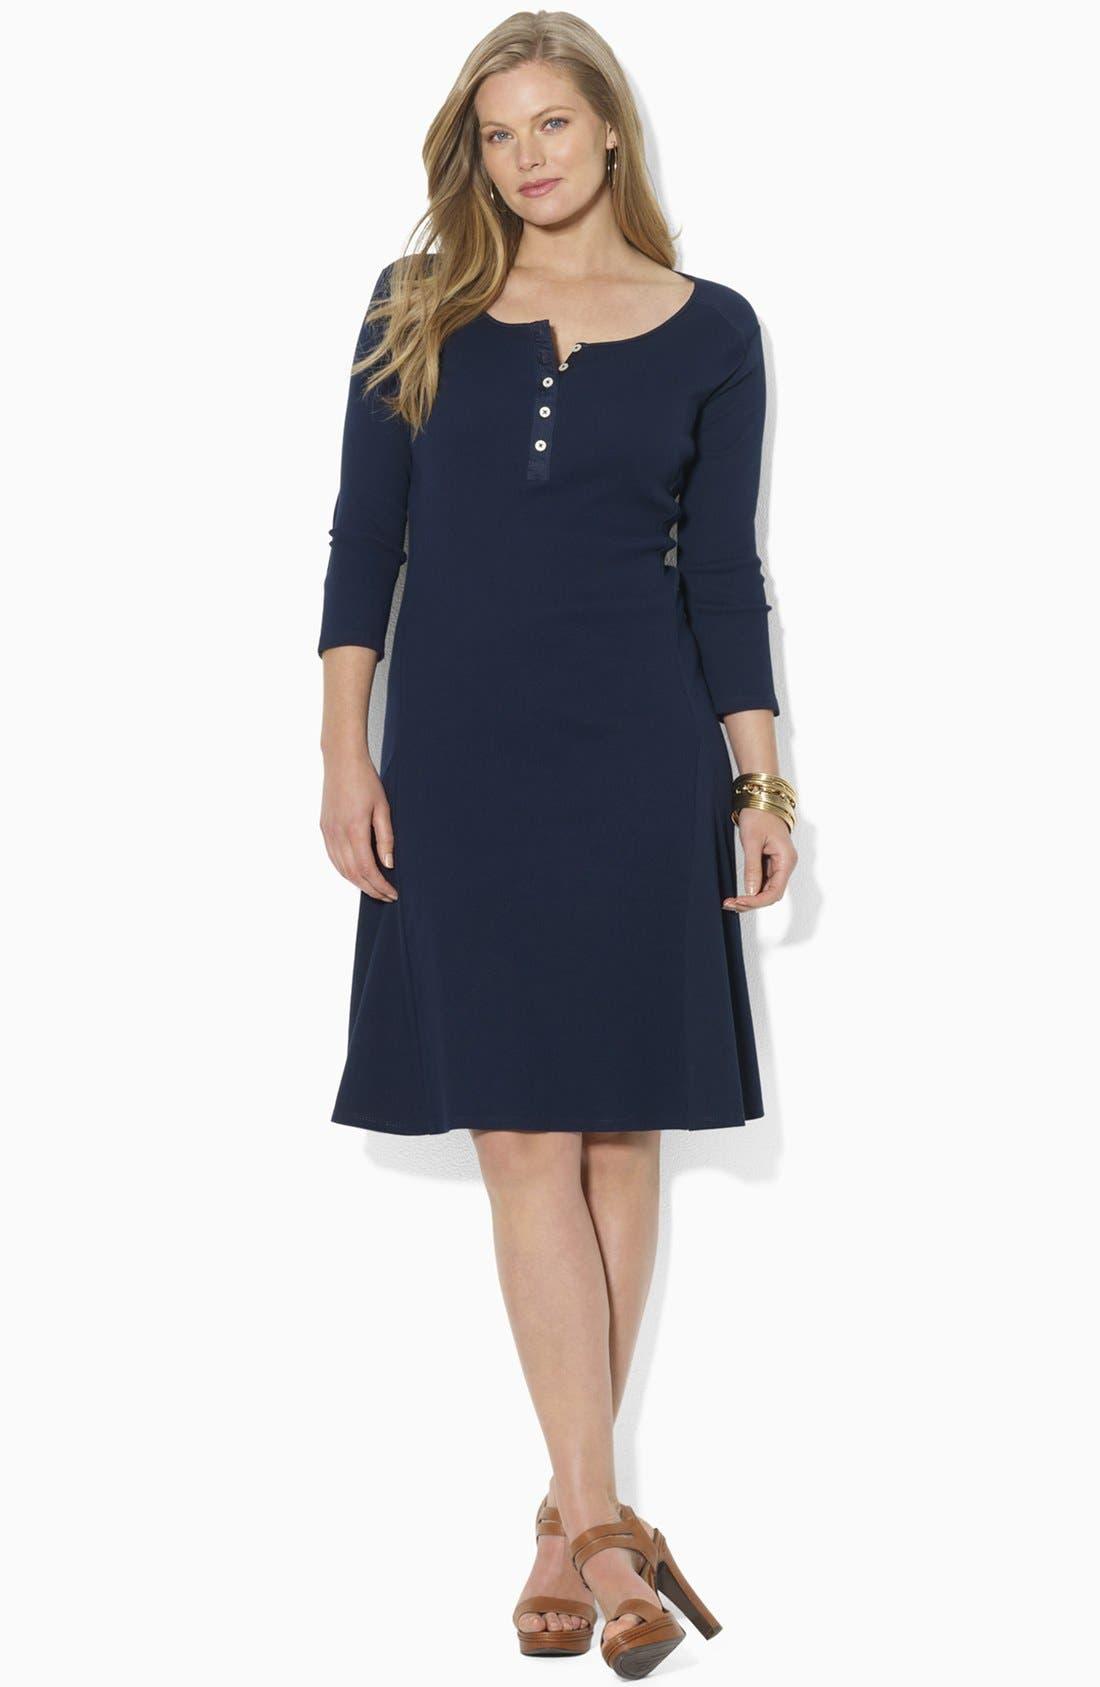 Alternate Image 1 Selected - Lauren Ralph Lauren Henley A-Line Dress (Plus)